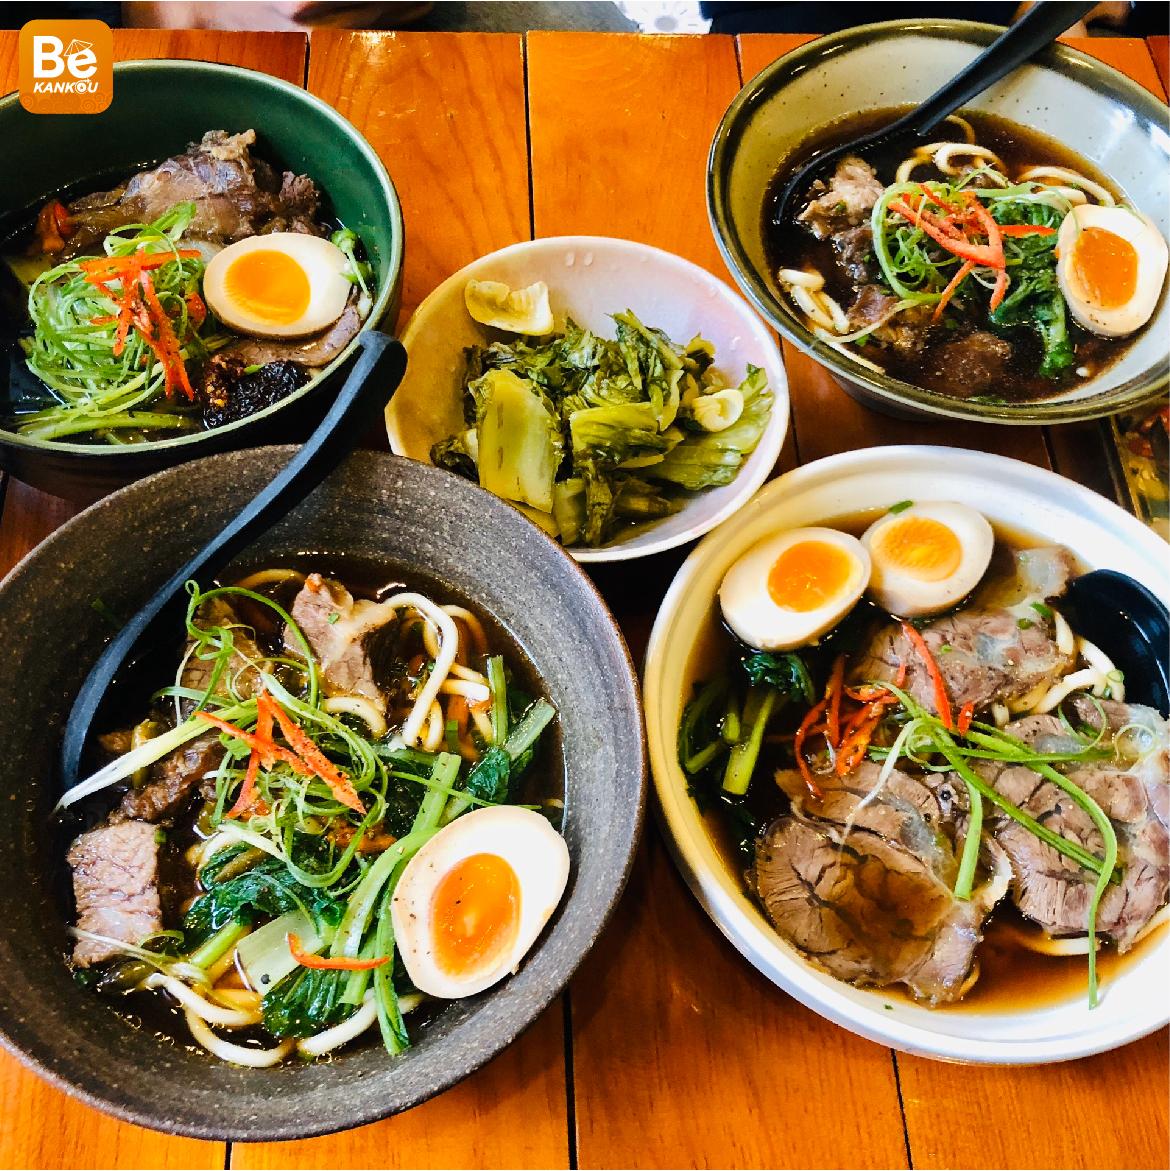 ダラットに来るときに、食べてみるべきの特別な料理5選